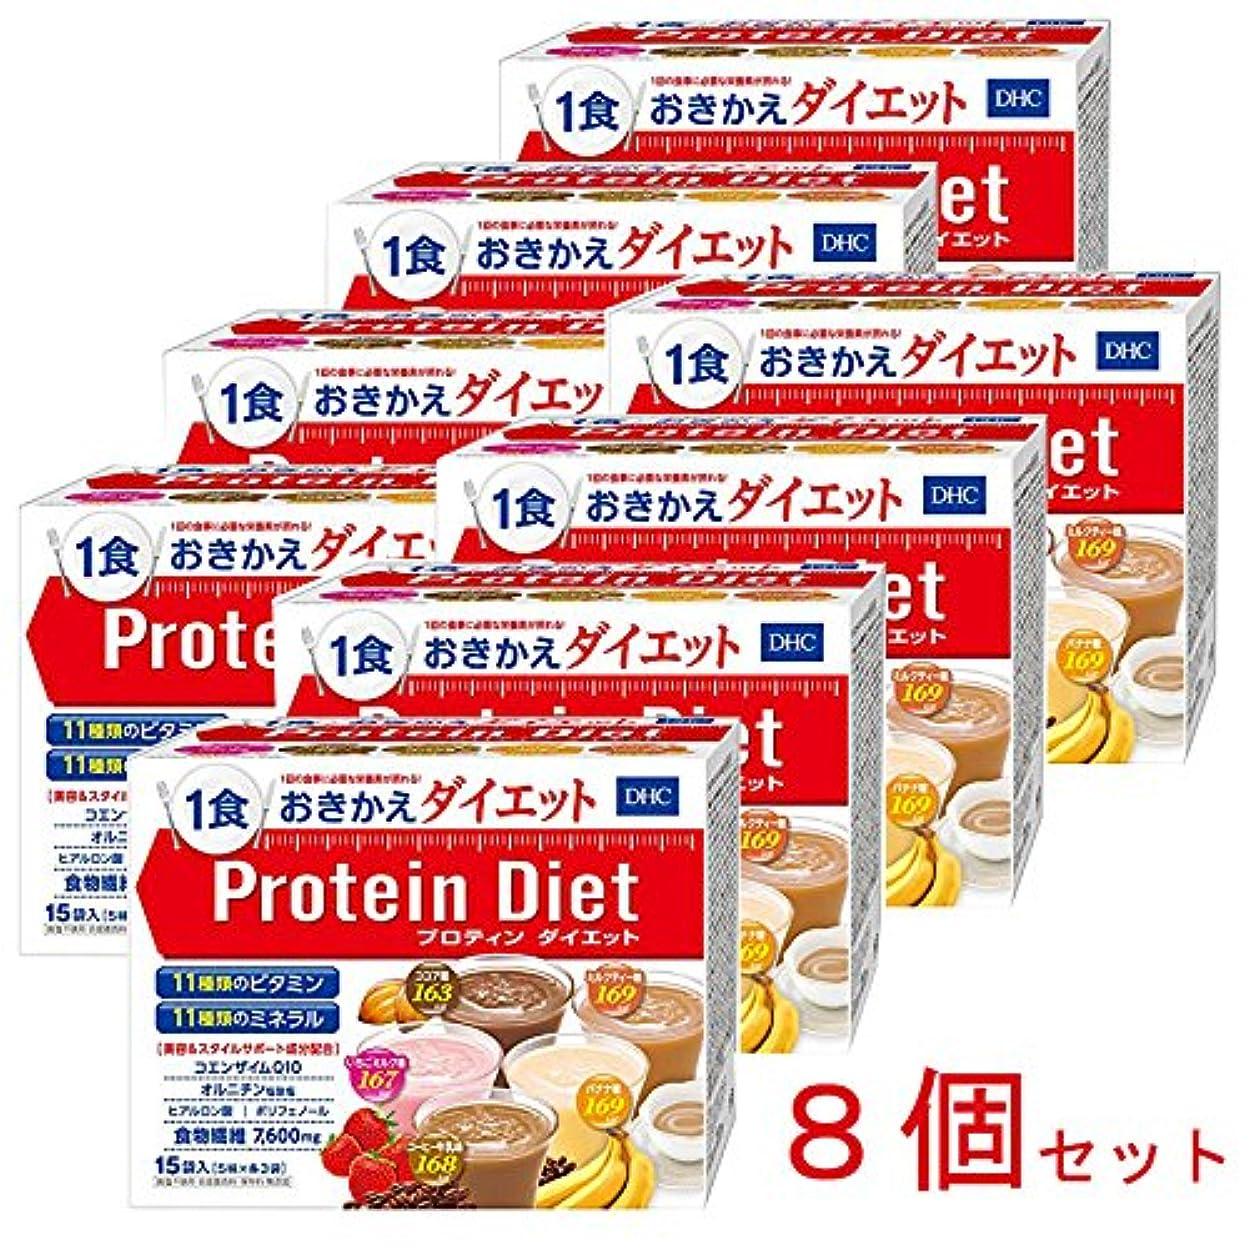 たっぷり植木すべてDHC プロティンダイエット 1箱15袋入 8箱セット 1食169kcal以下&栄養バッチリ! リニューアル